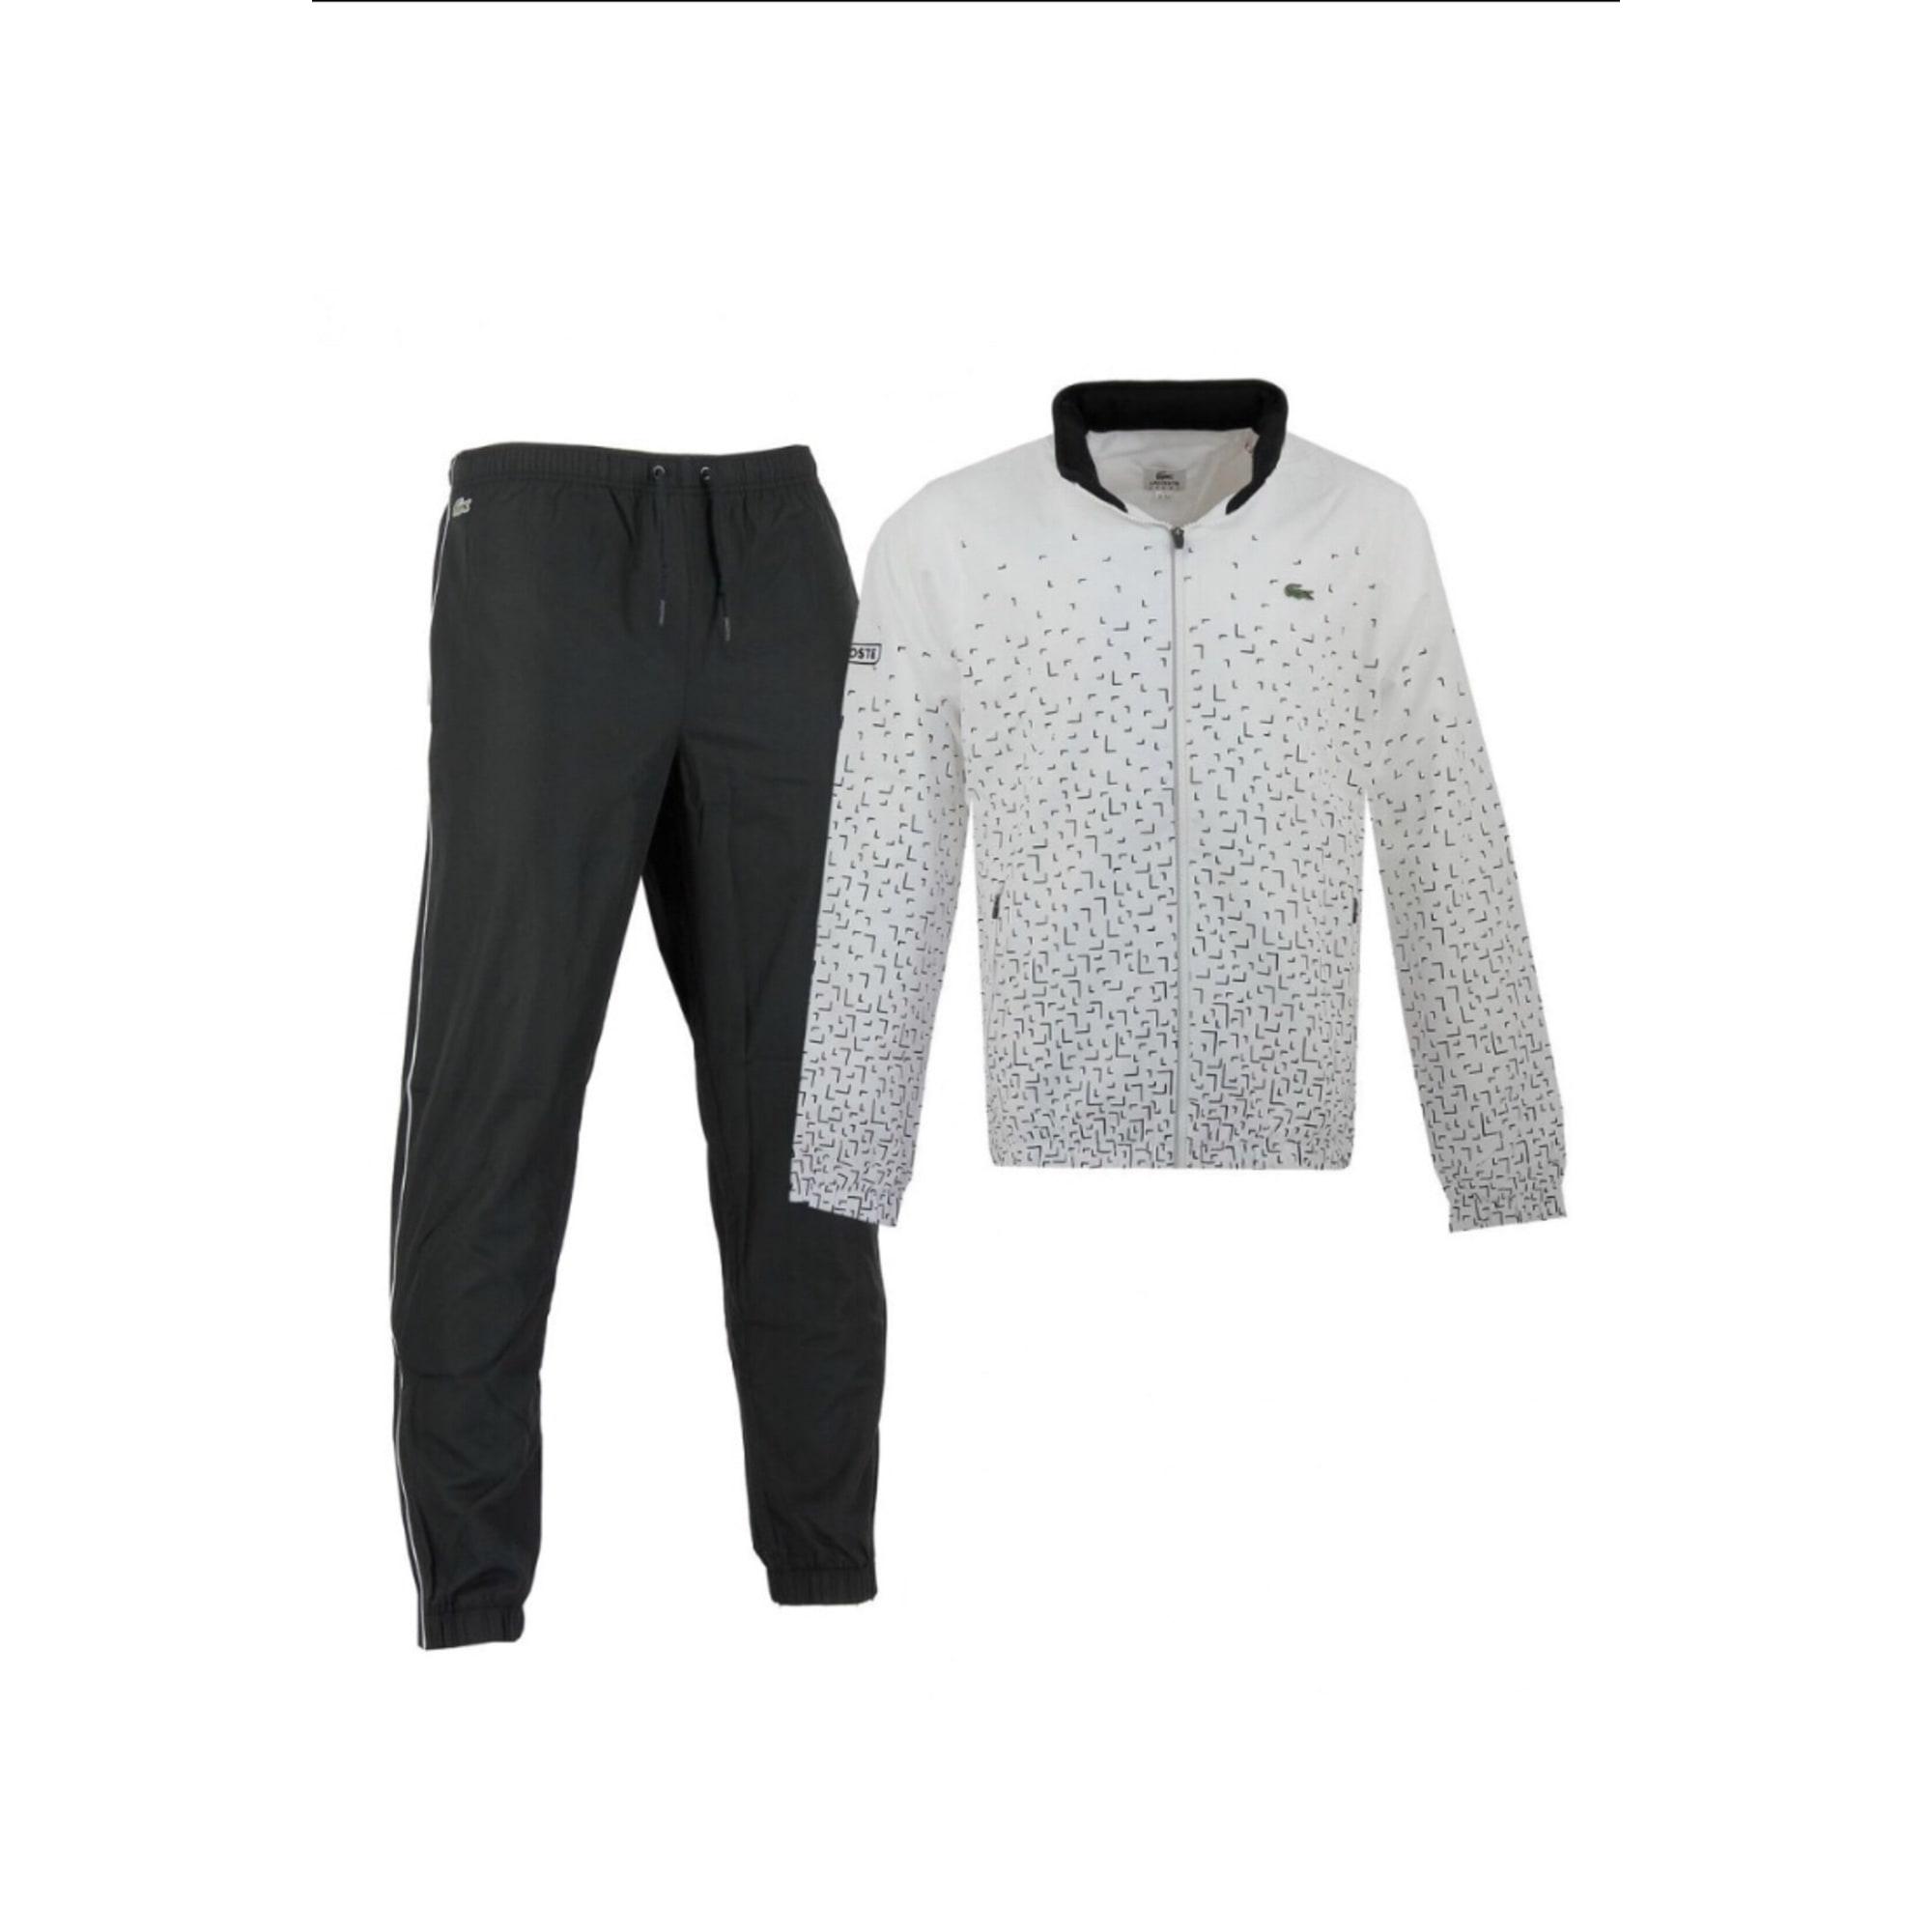 f3164e079093 Ensemble jogging LACOSTE Autre noir/blanc vendu par Le vide dressing ...